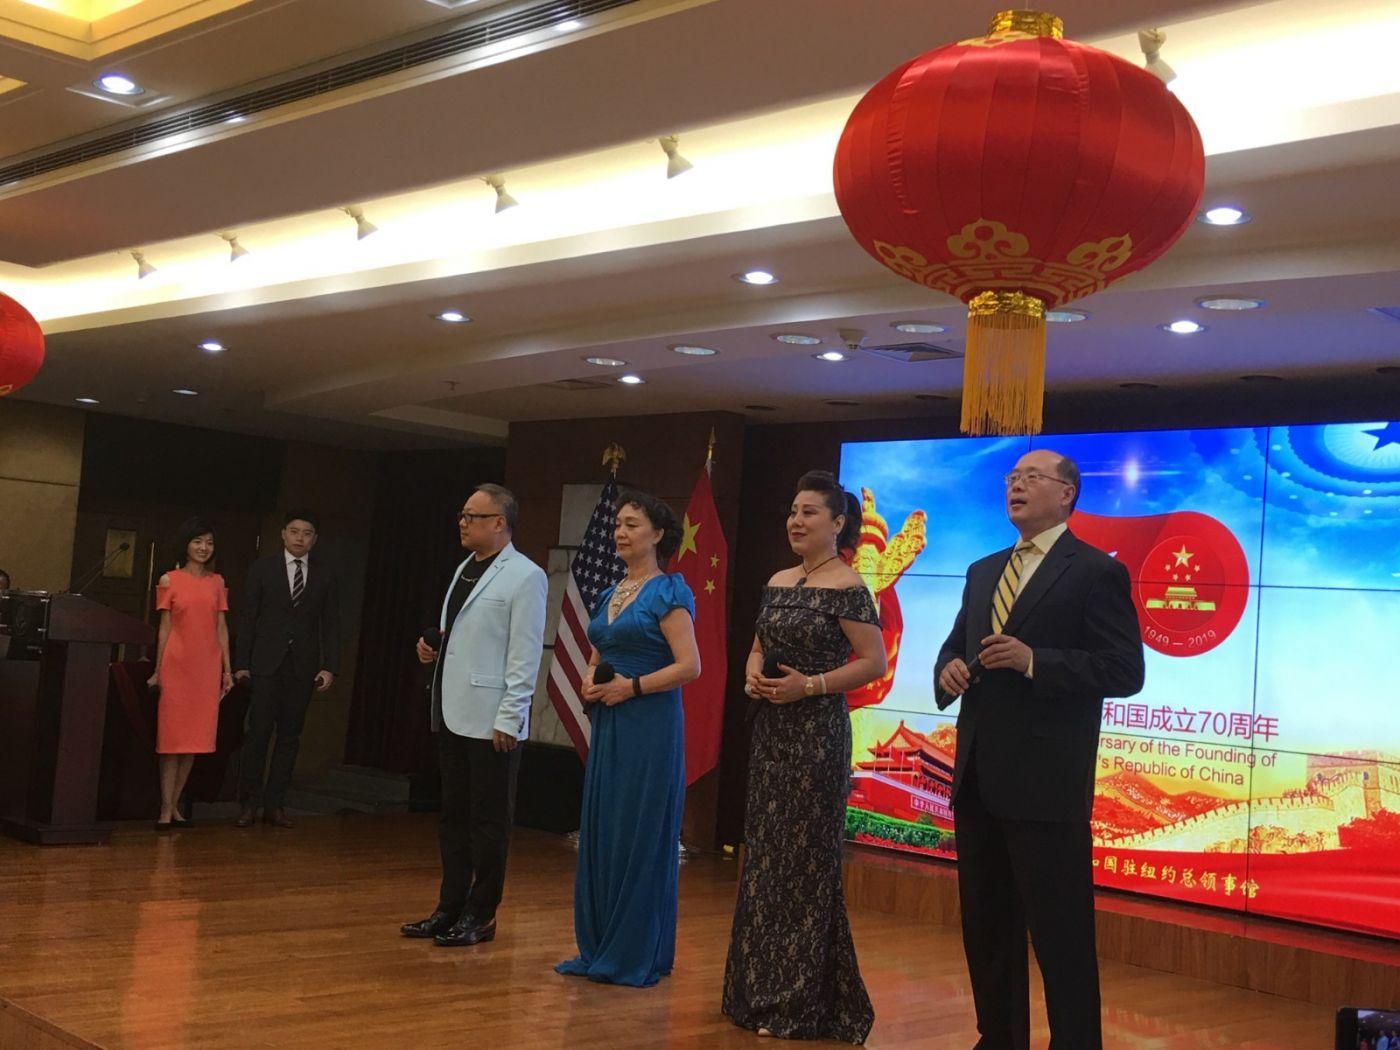 中国驻纽约总领事馆舉辦庆祝建国70周年招待會_图1-8